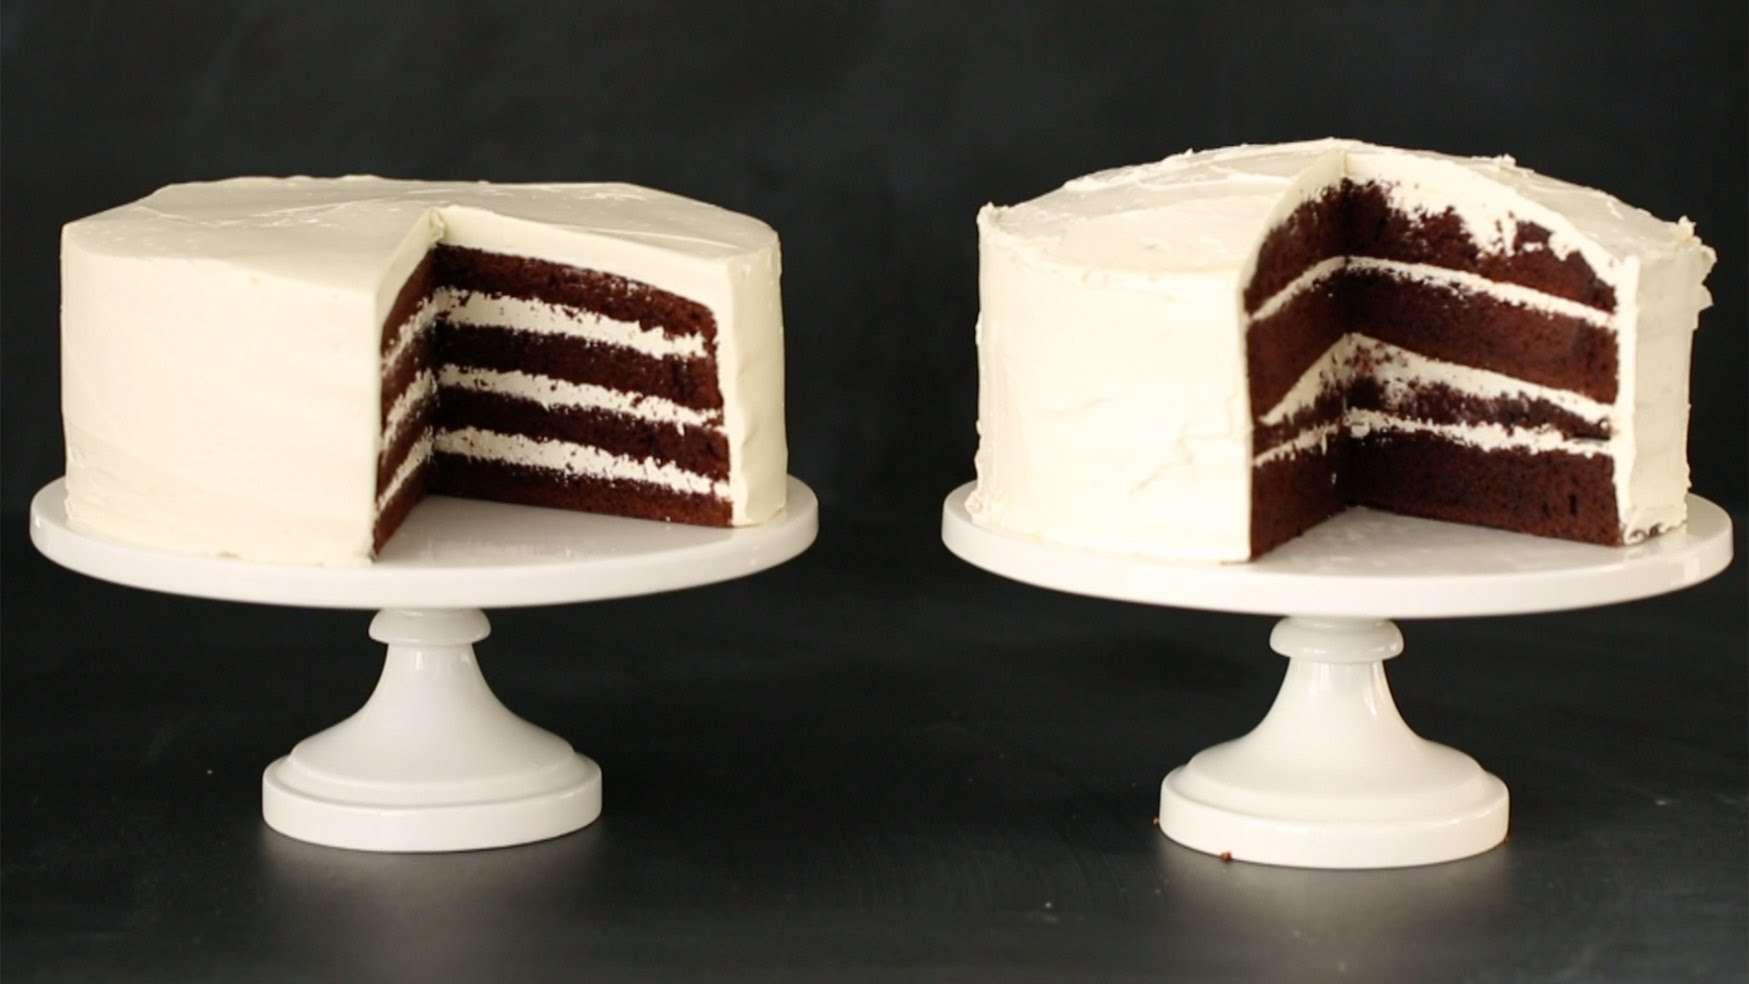 como-rellena-y-cubre-una-tarta-un-repostero-profesional